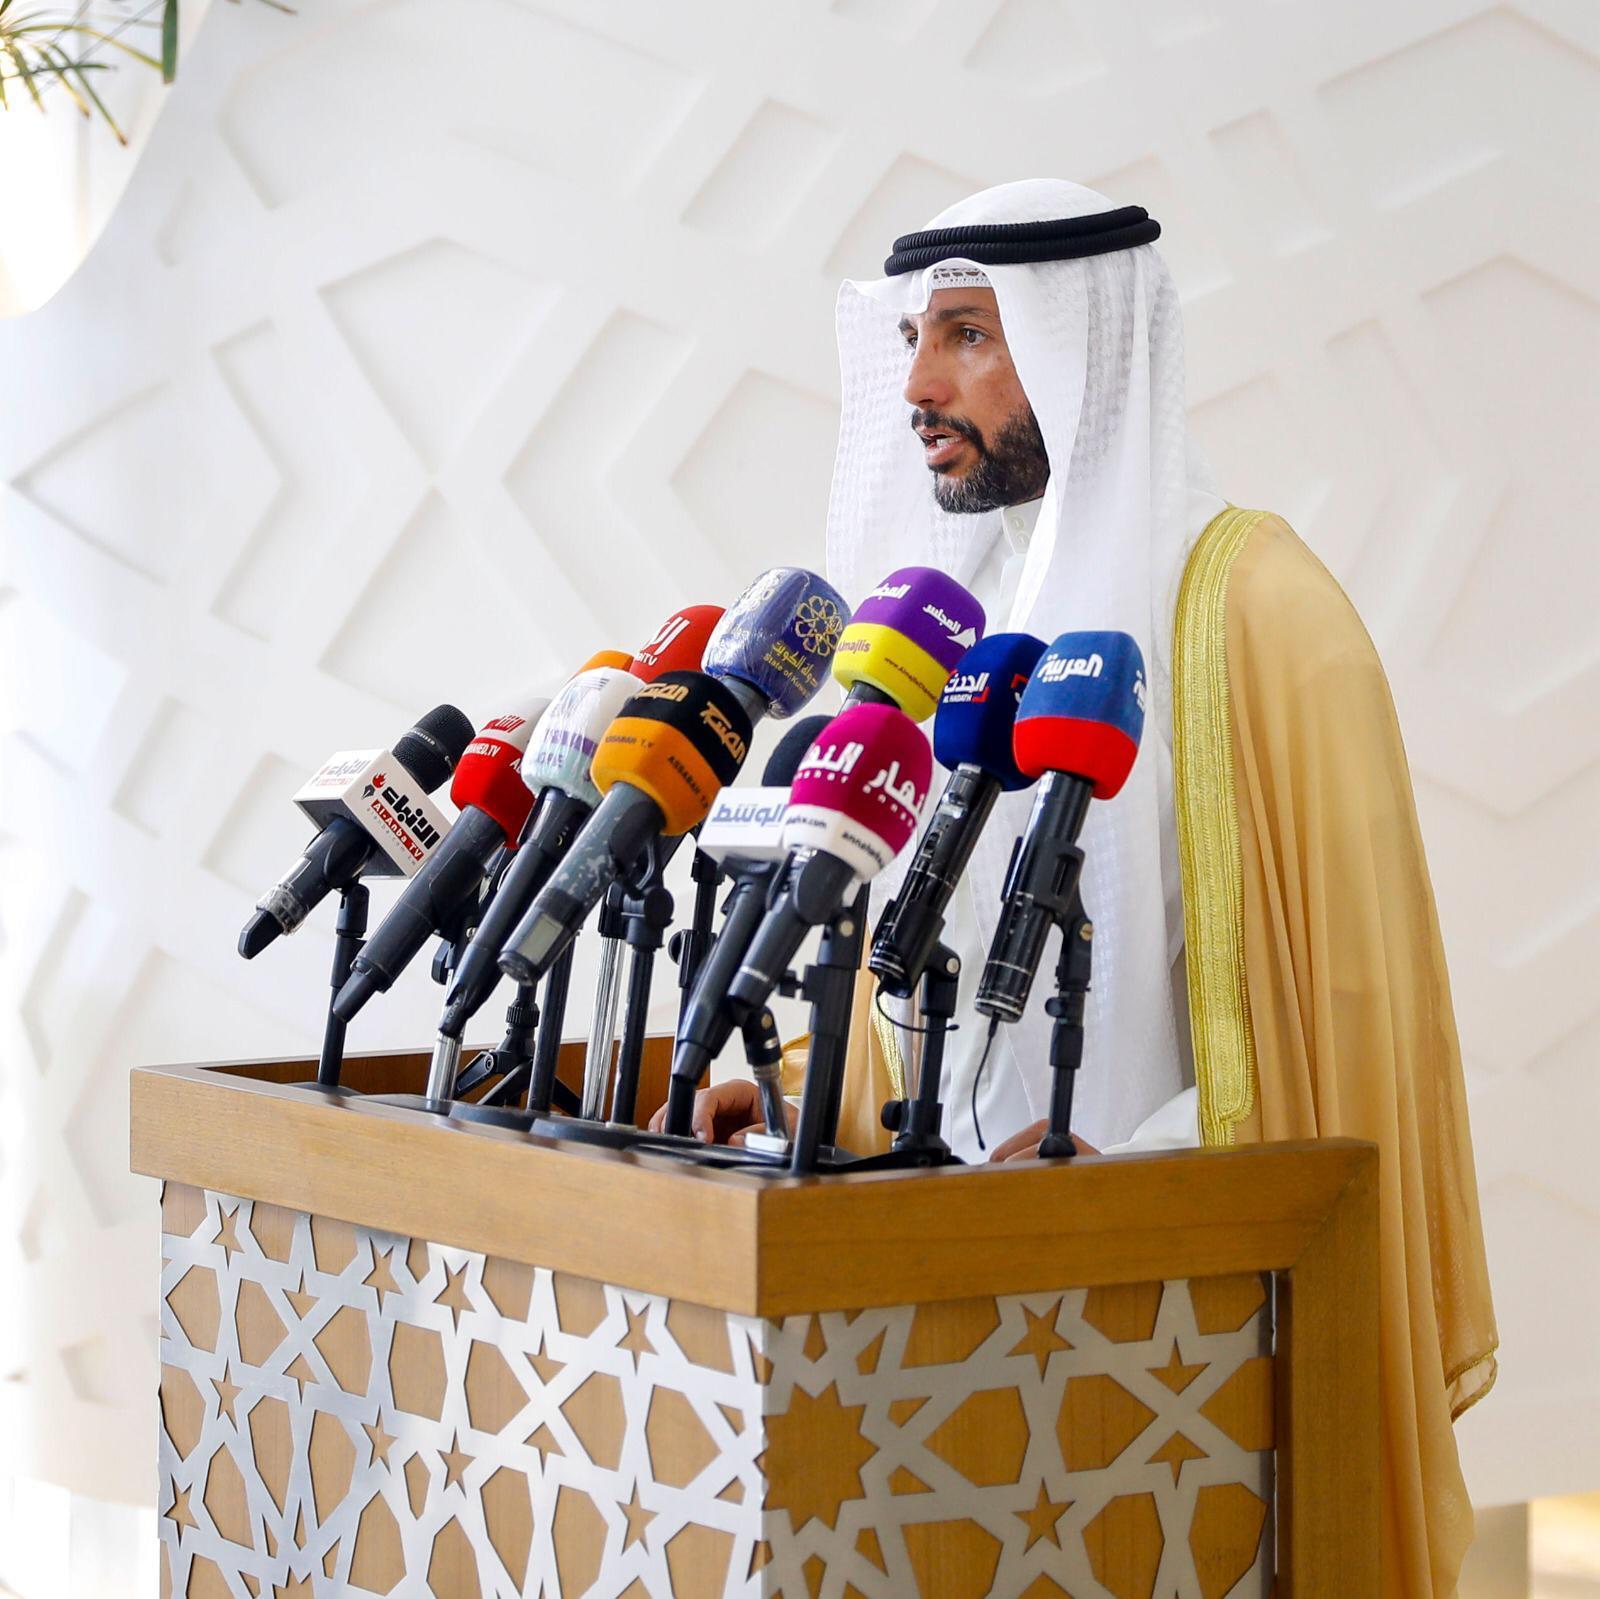 الغانم: تشرفنا بلقاء نائب الأمير واستمعنا بحرص لتوجيهاته السديدة